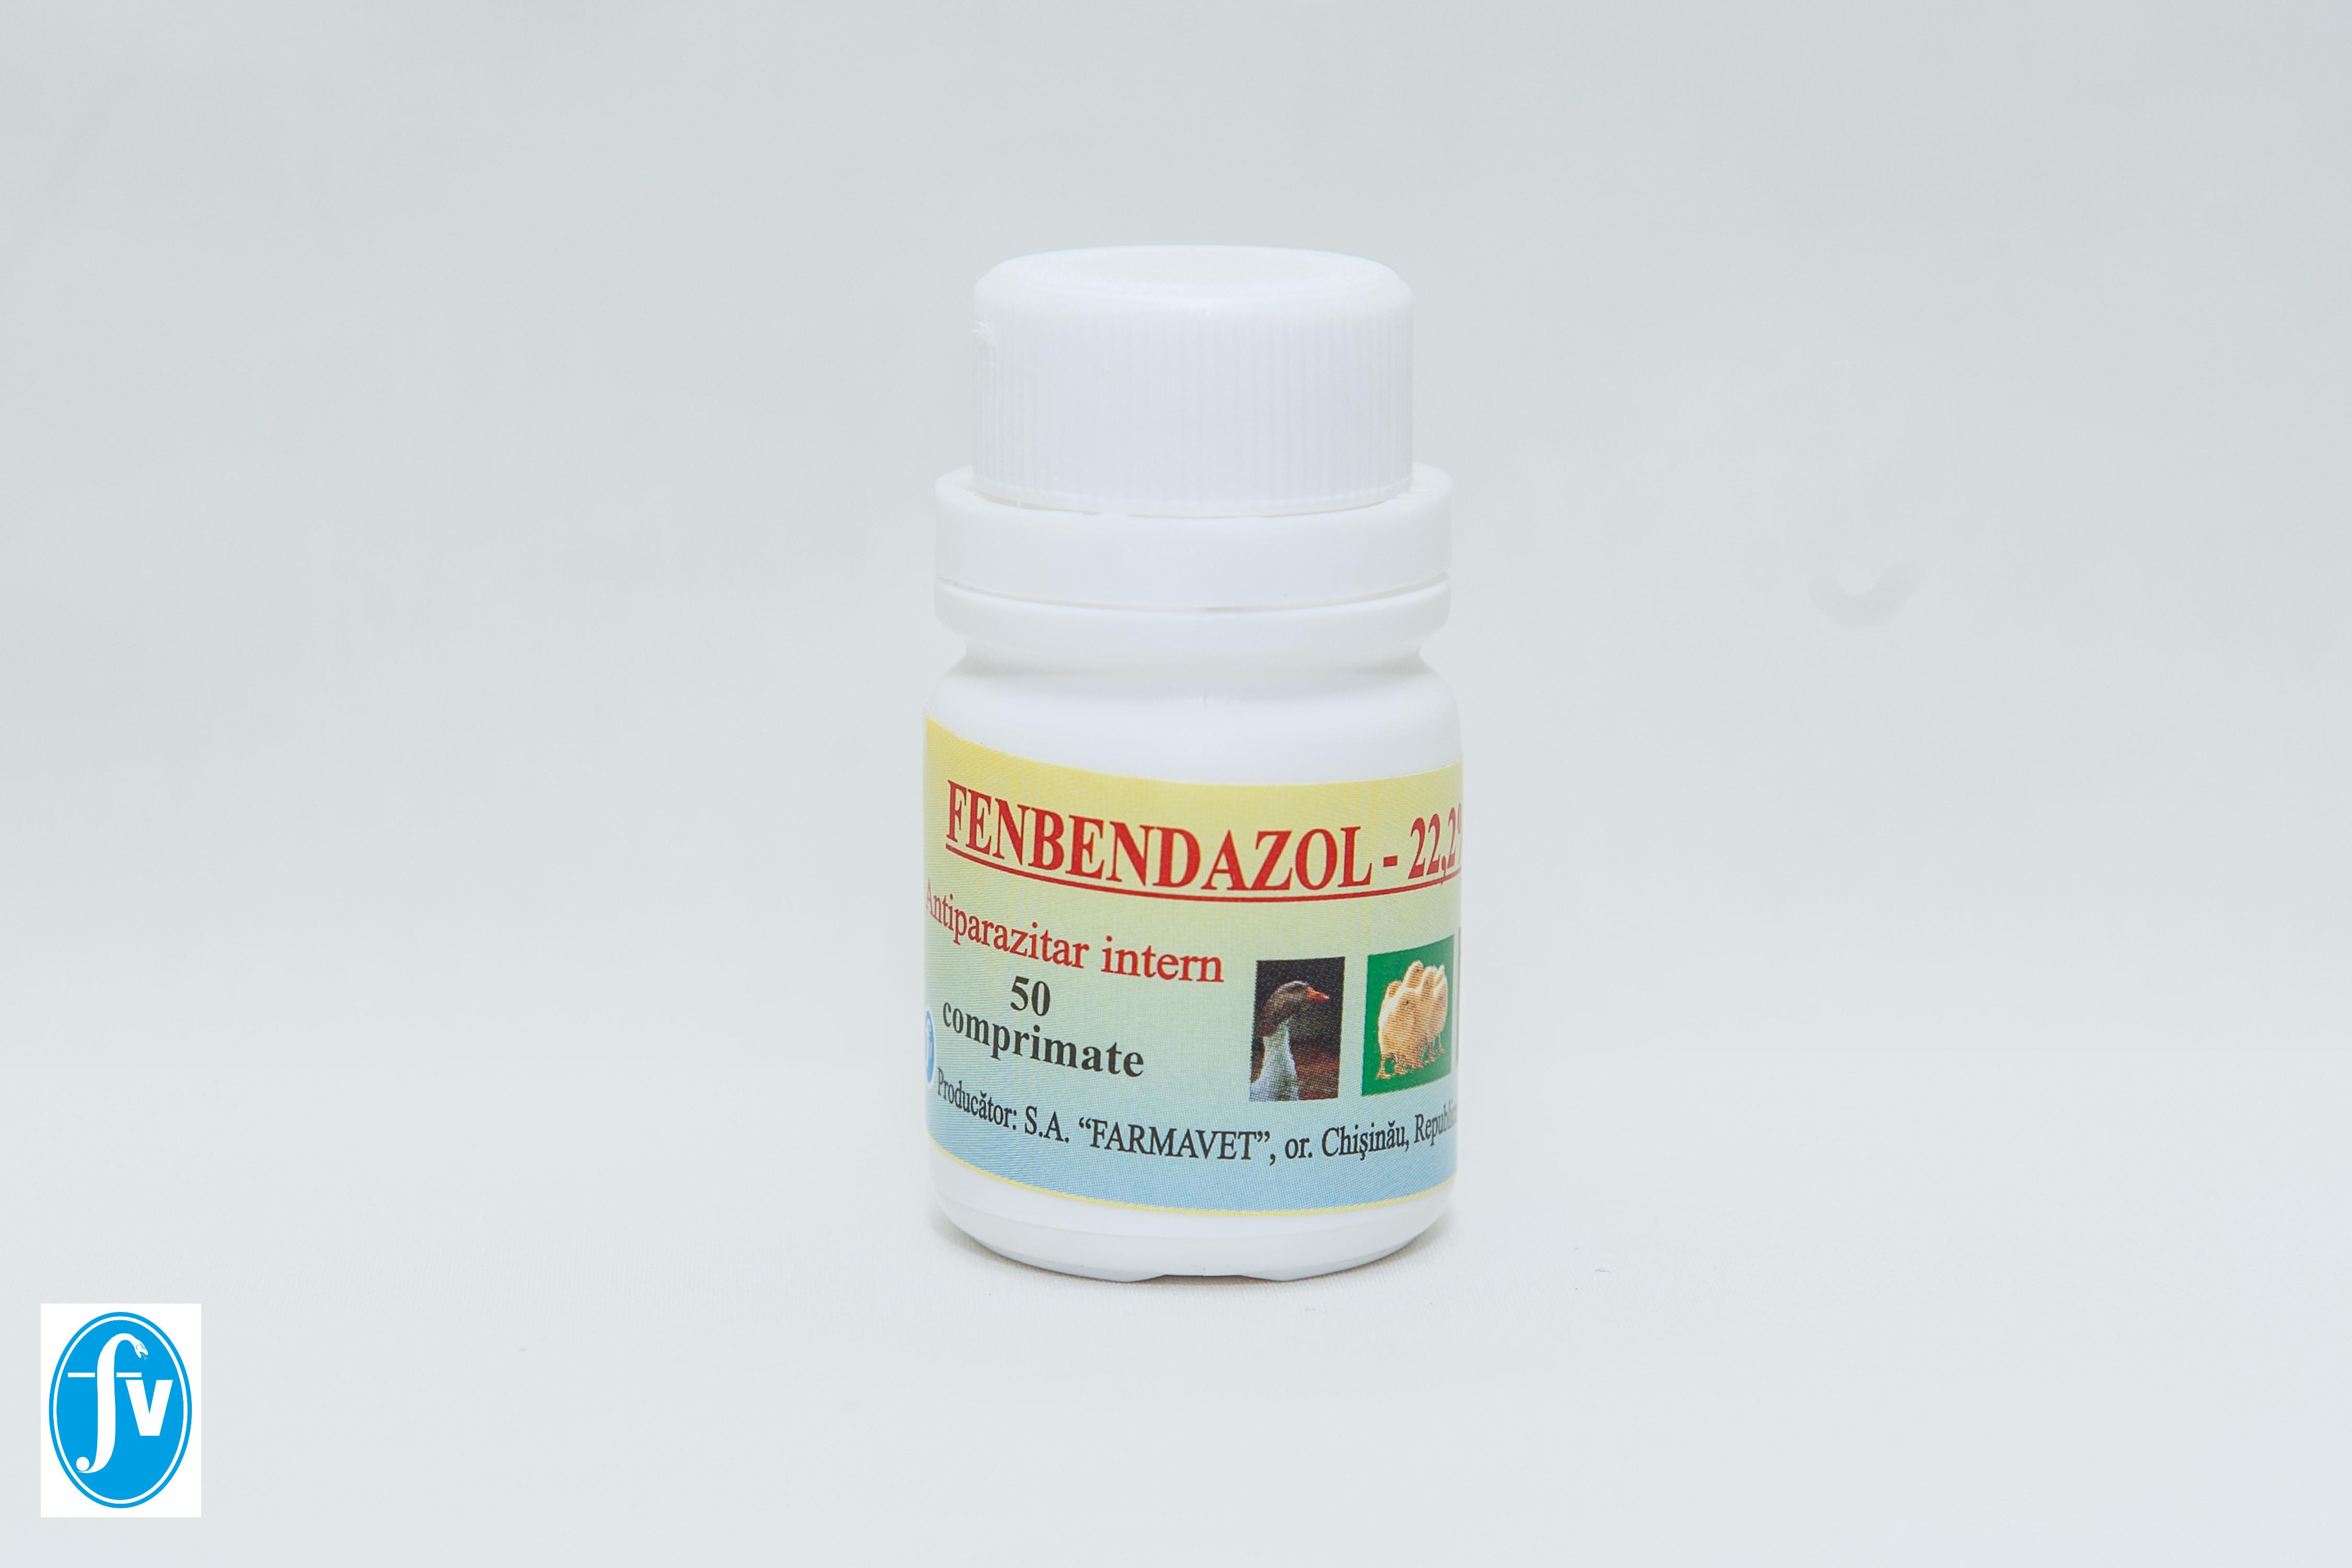 medicamente pentru paraziti intestinali md)